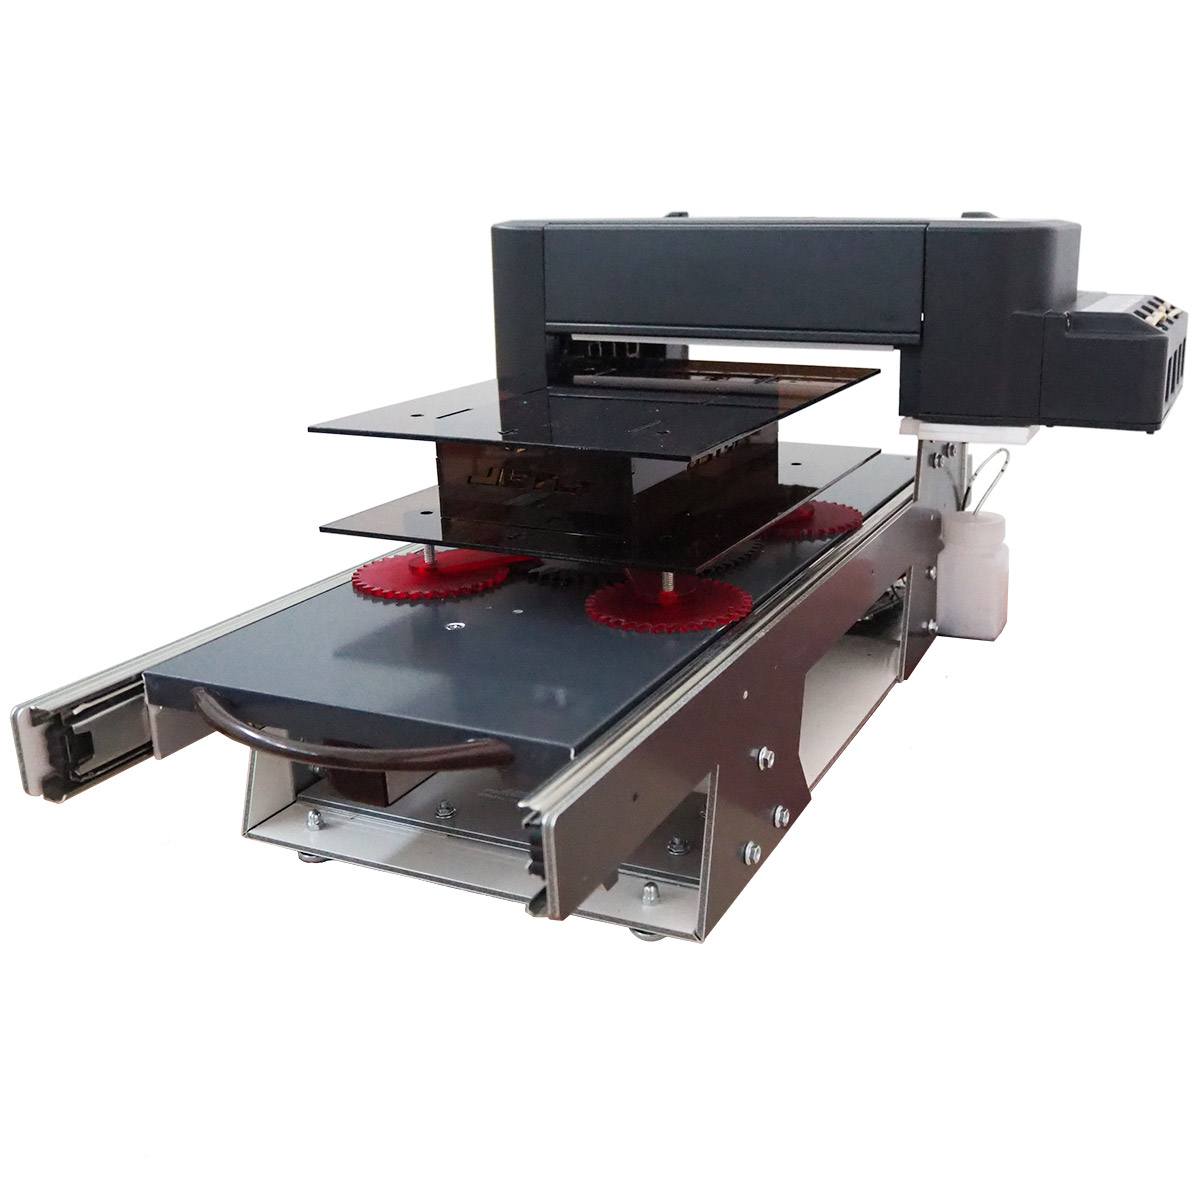 JetLT A4 printer